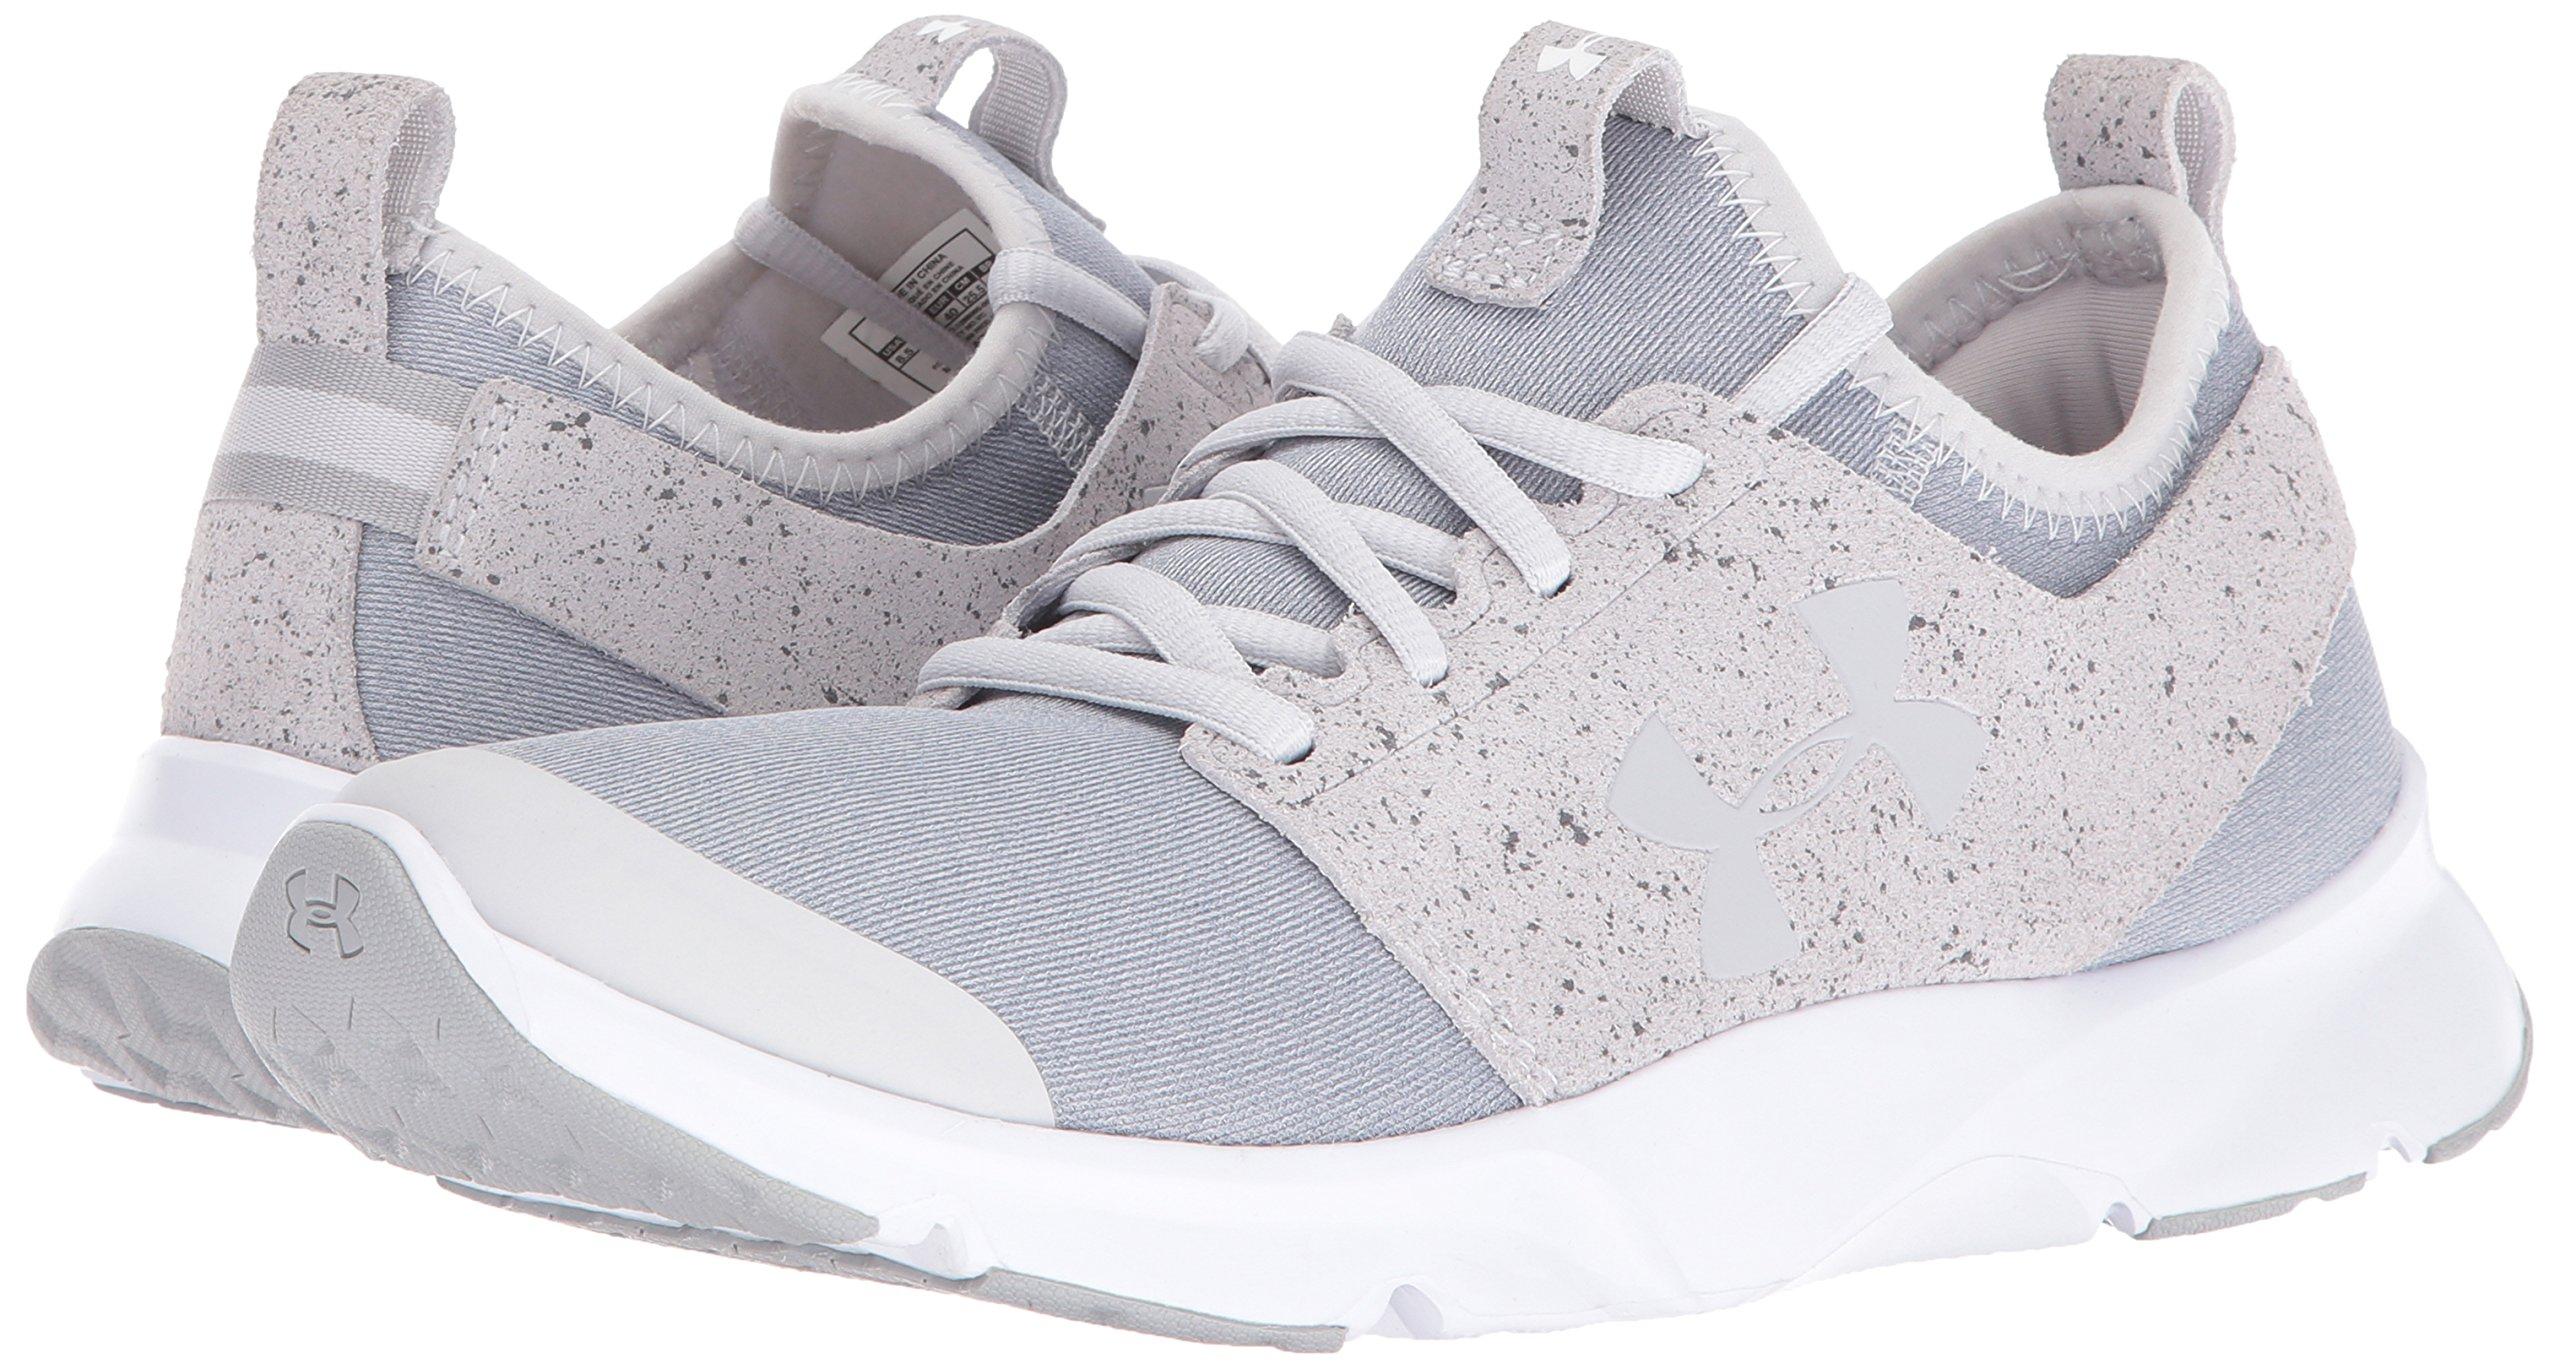 81iq4cv7iJL - Under Armour Women's Drift Mineral Running Shoes